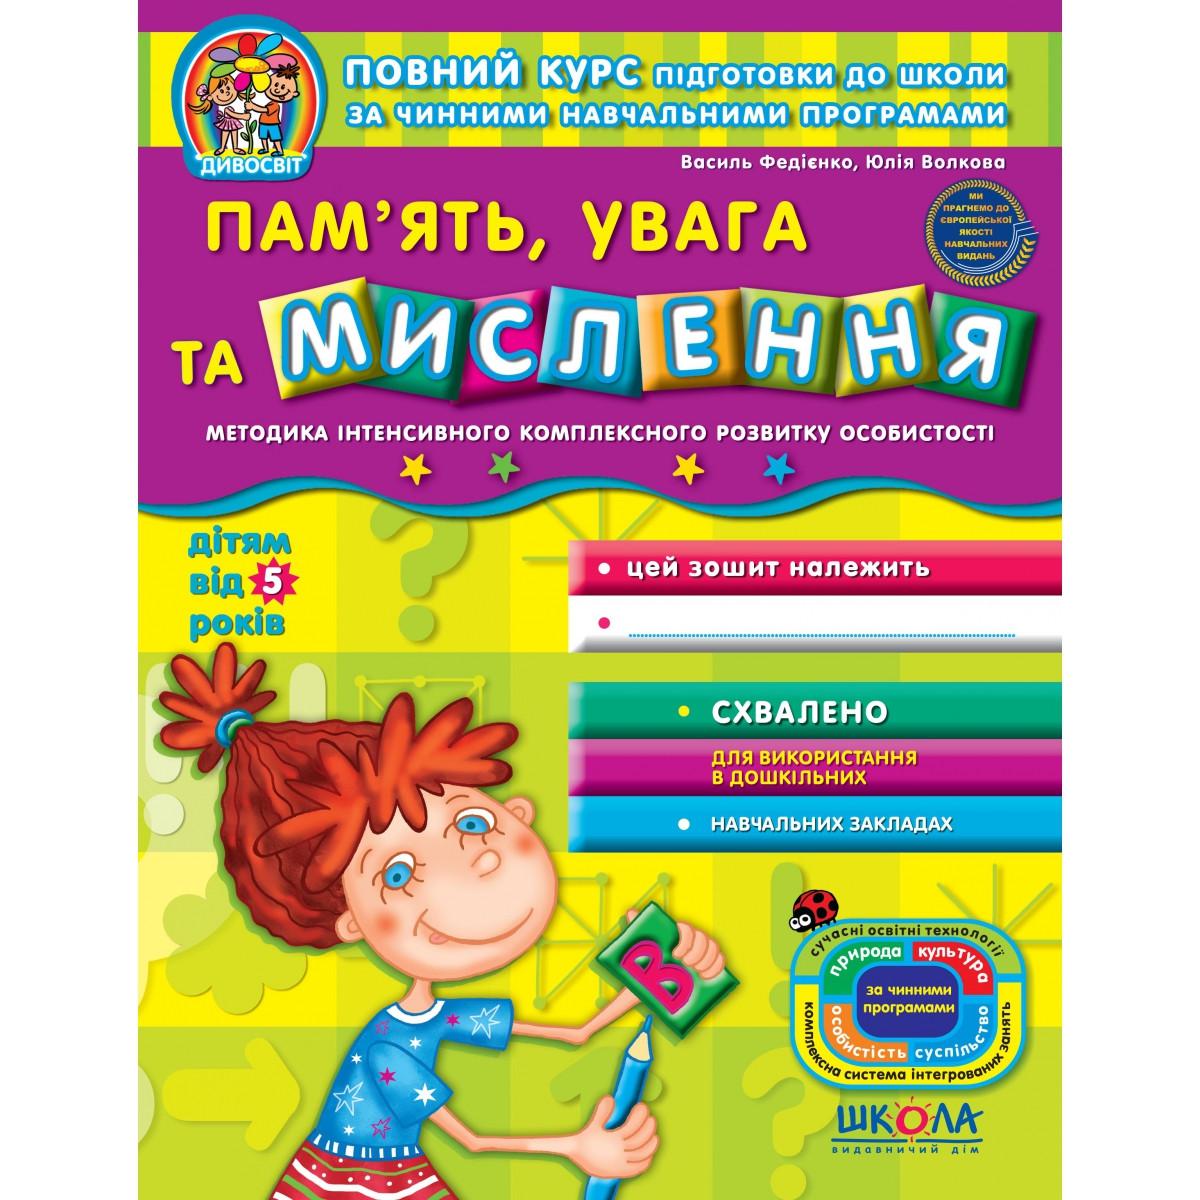 Пам'ять, увага та мислення (від 5 років).  АвторВ. Федієнко, Ю. Волкова. Серiя Дивосвіт (від 5 років)